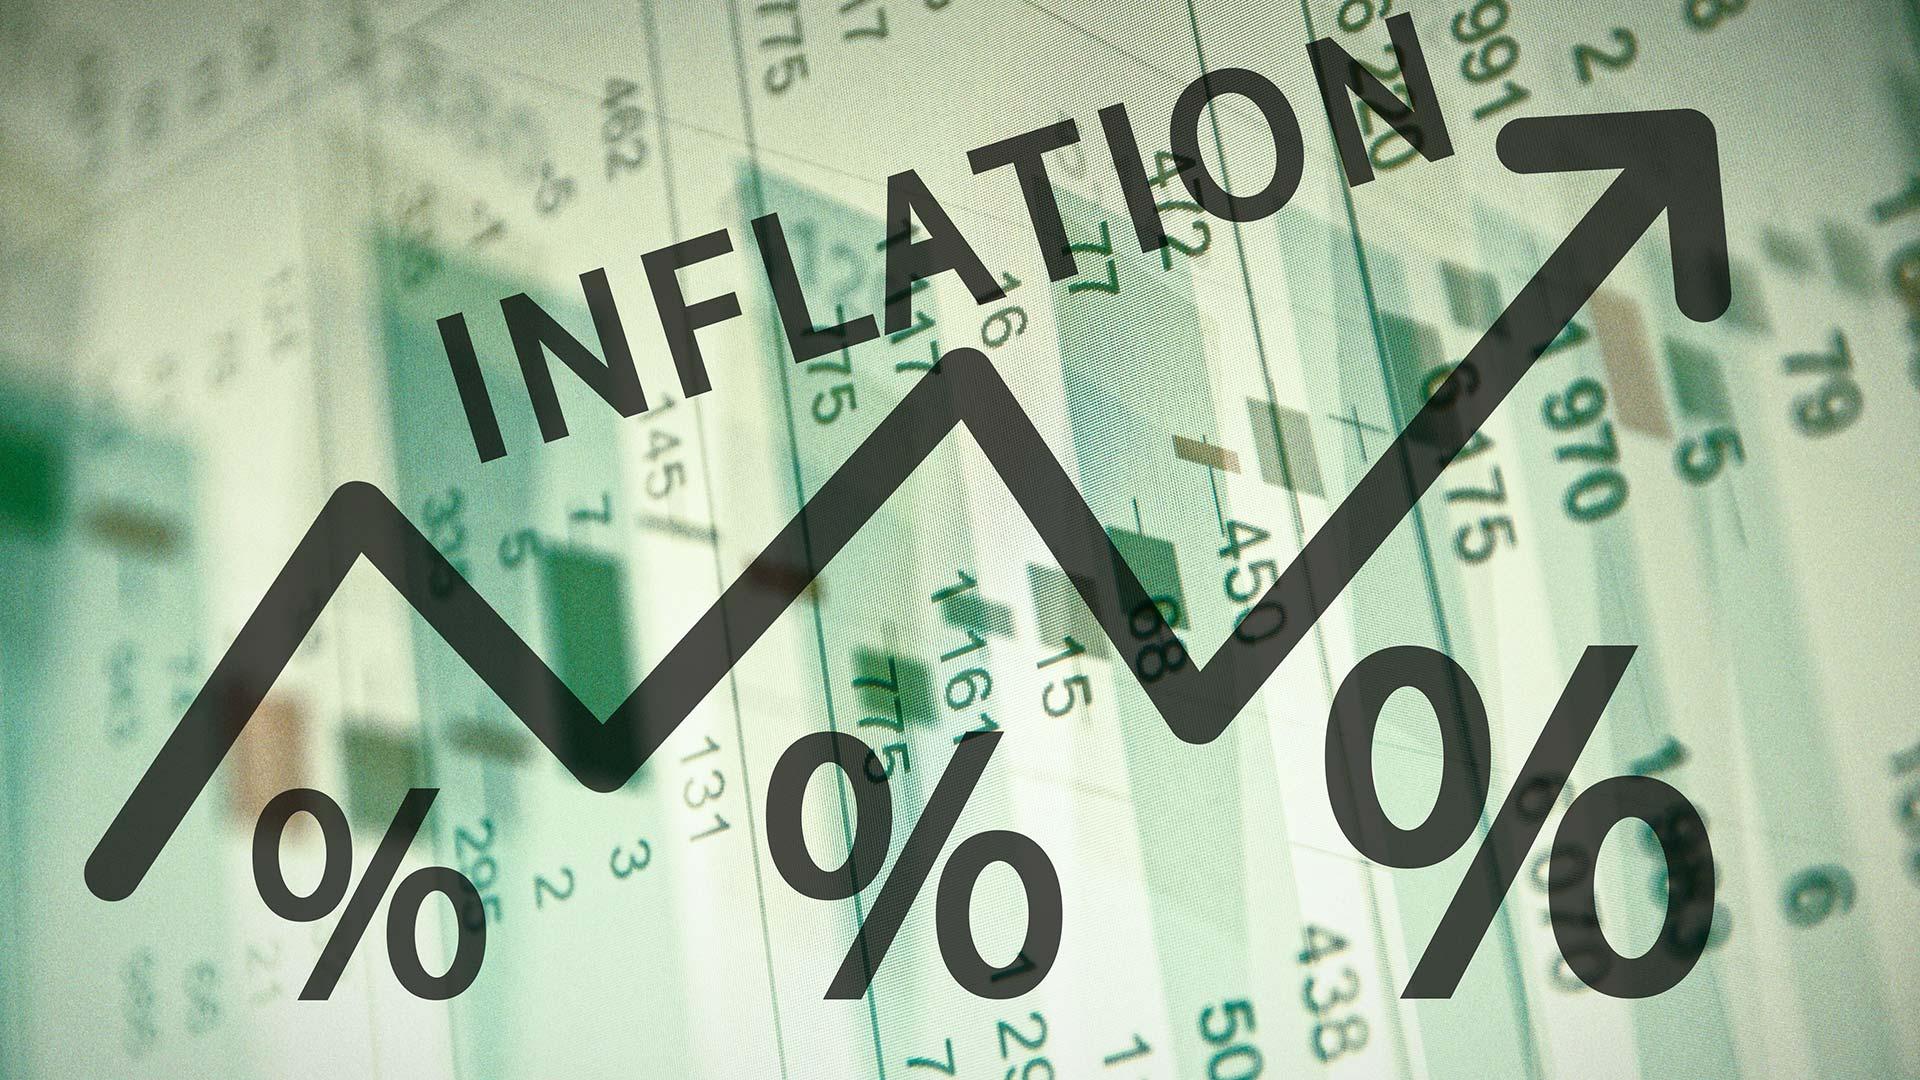 Какой инфляции стоит ожидать до конца 2021 года — прогнозы Минэкономразвития и независимых экспертов